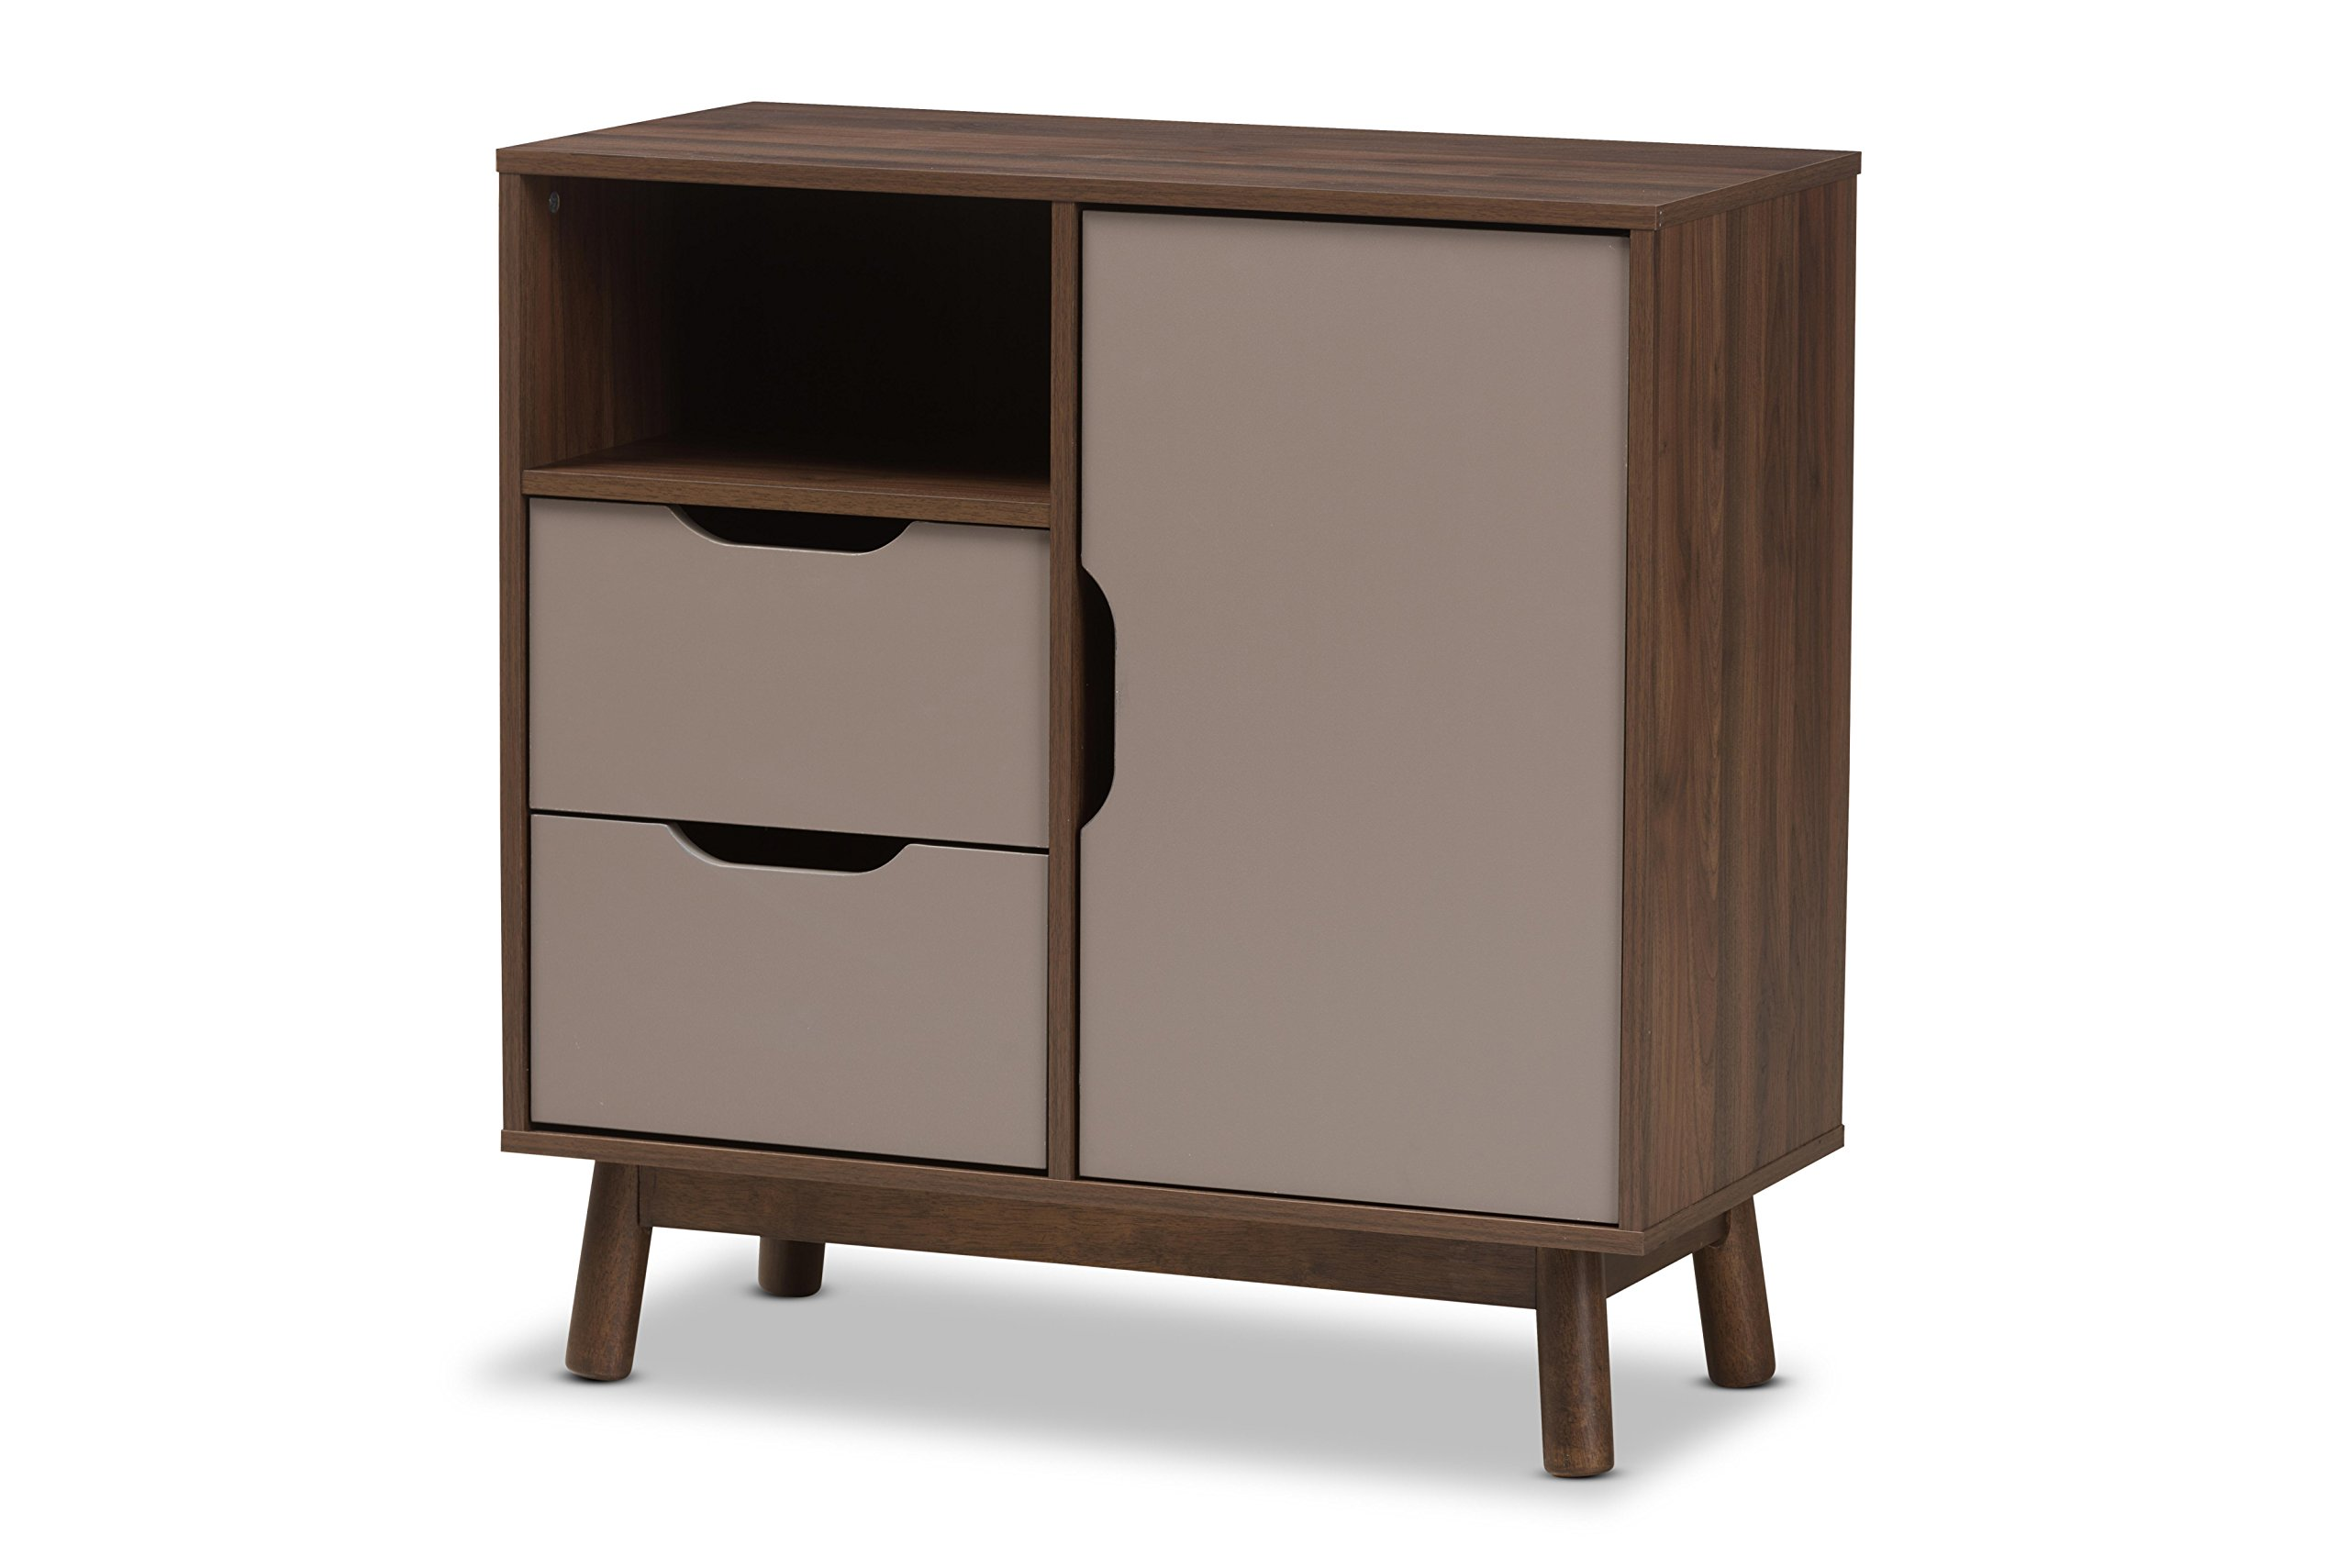 Baxton Studio 424-7992-AMZ Bethel Two-Tone Finished Wood Sideboard